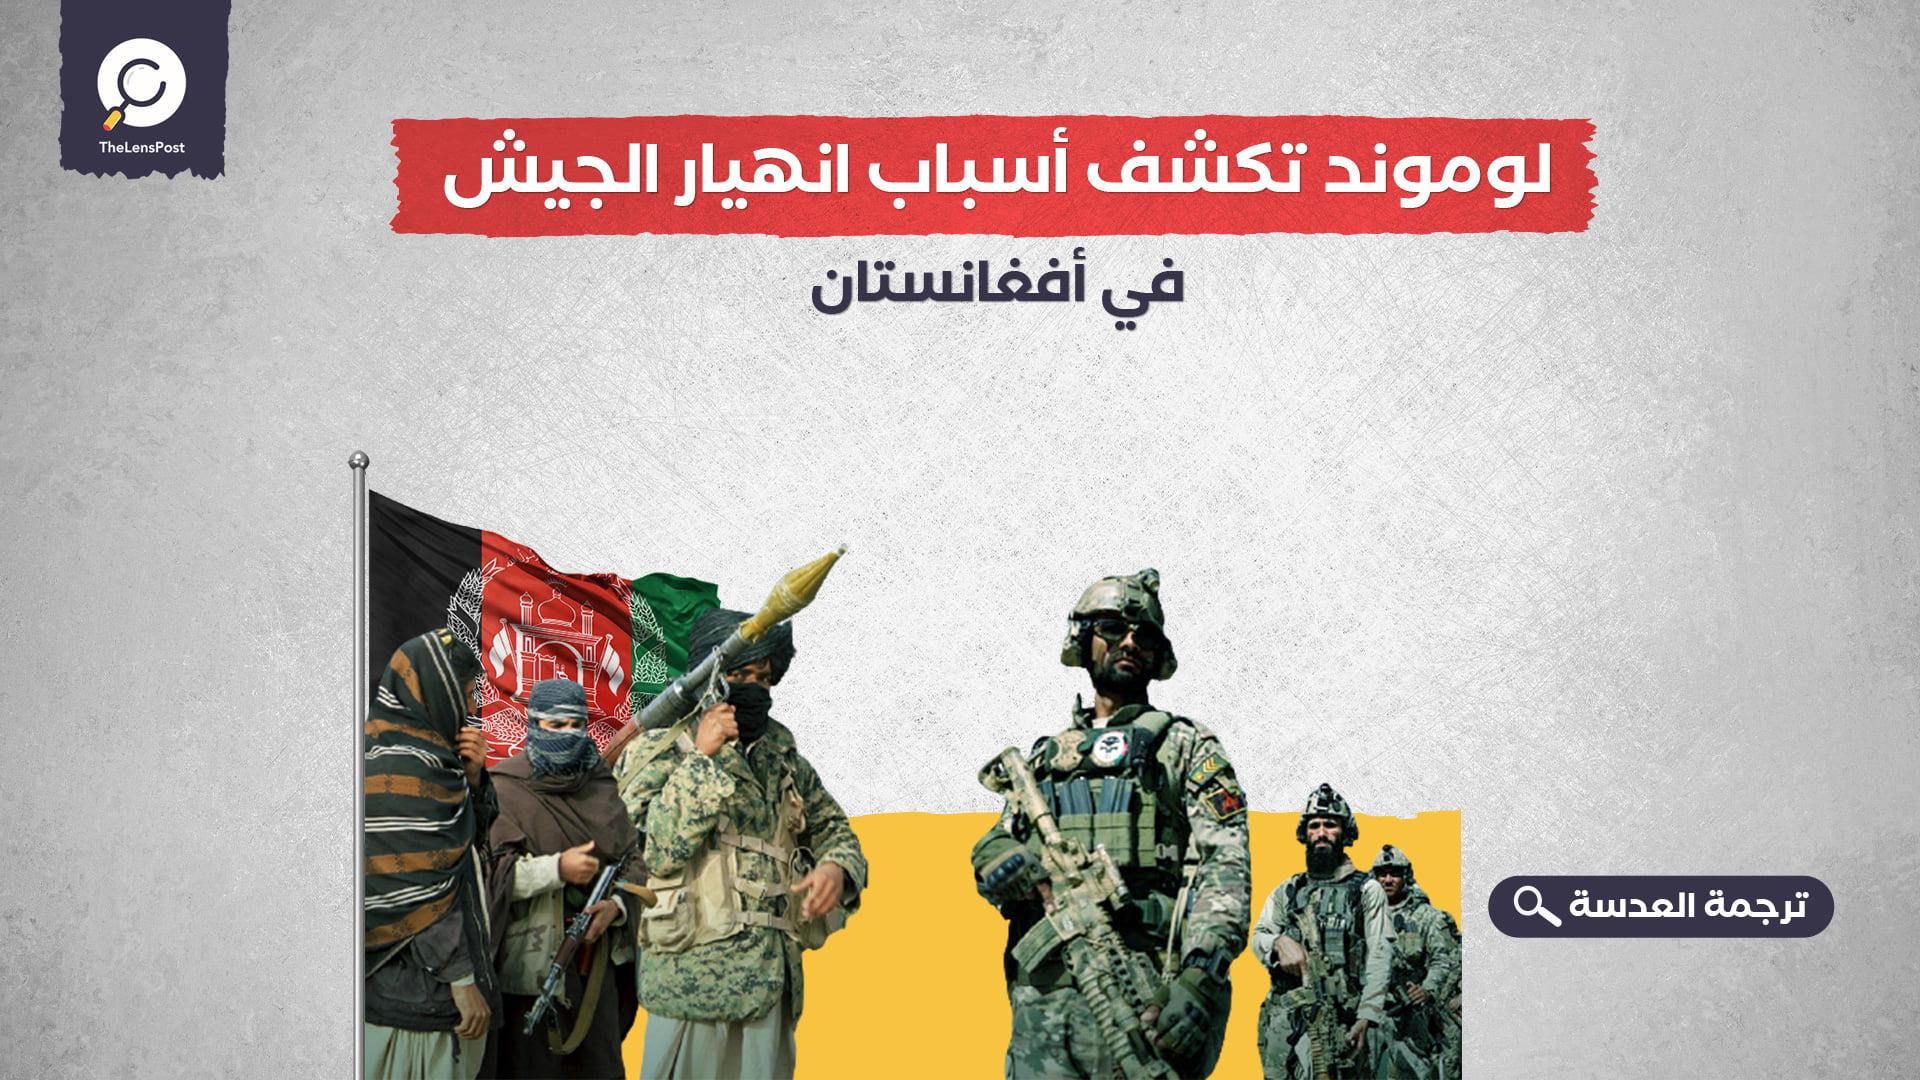 لوموند تكشف أسباب انهيار الجيش في أفغانستان